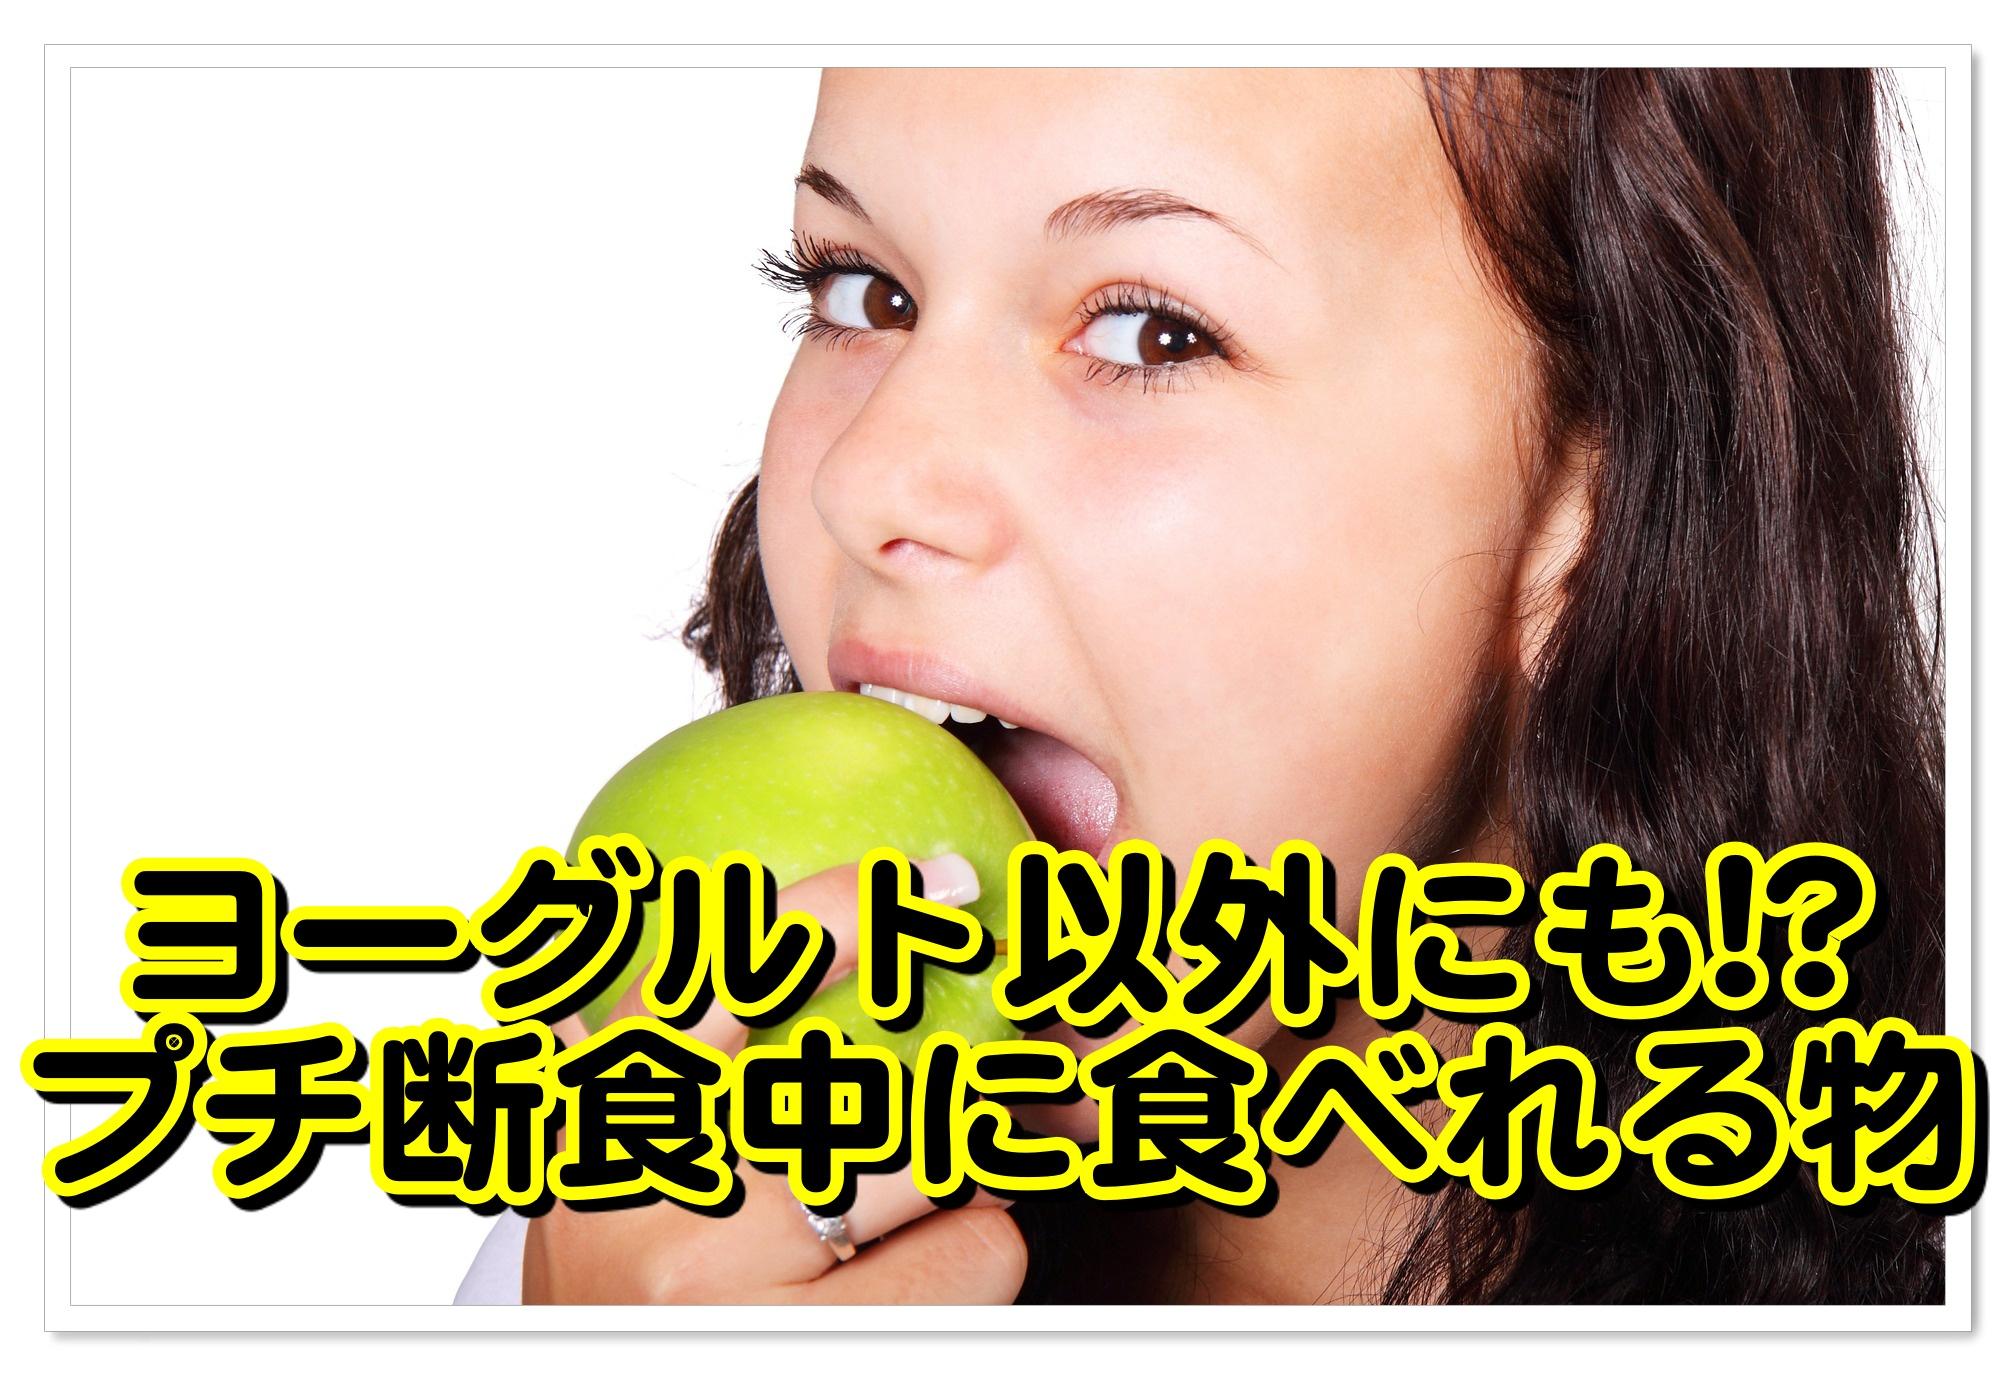 ヨーグルト以外もOK?プチ断食ダイエット中の食べ物